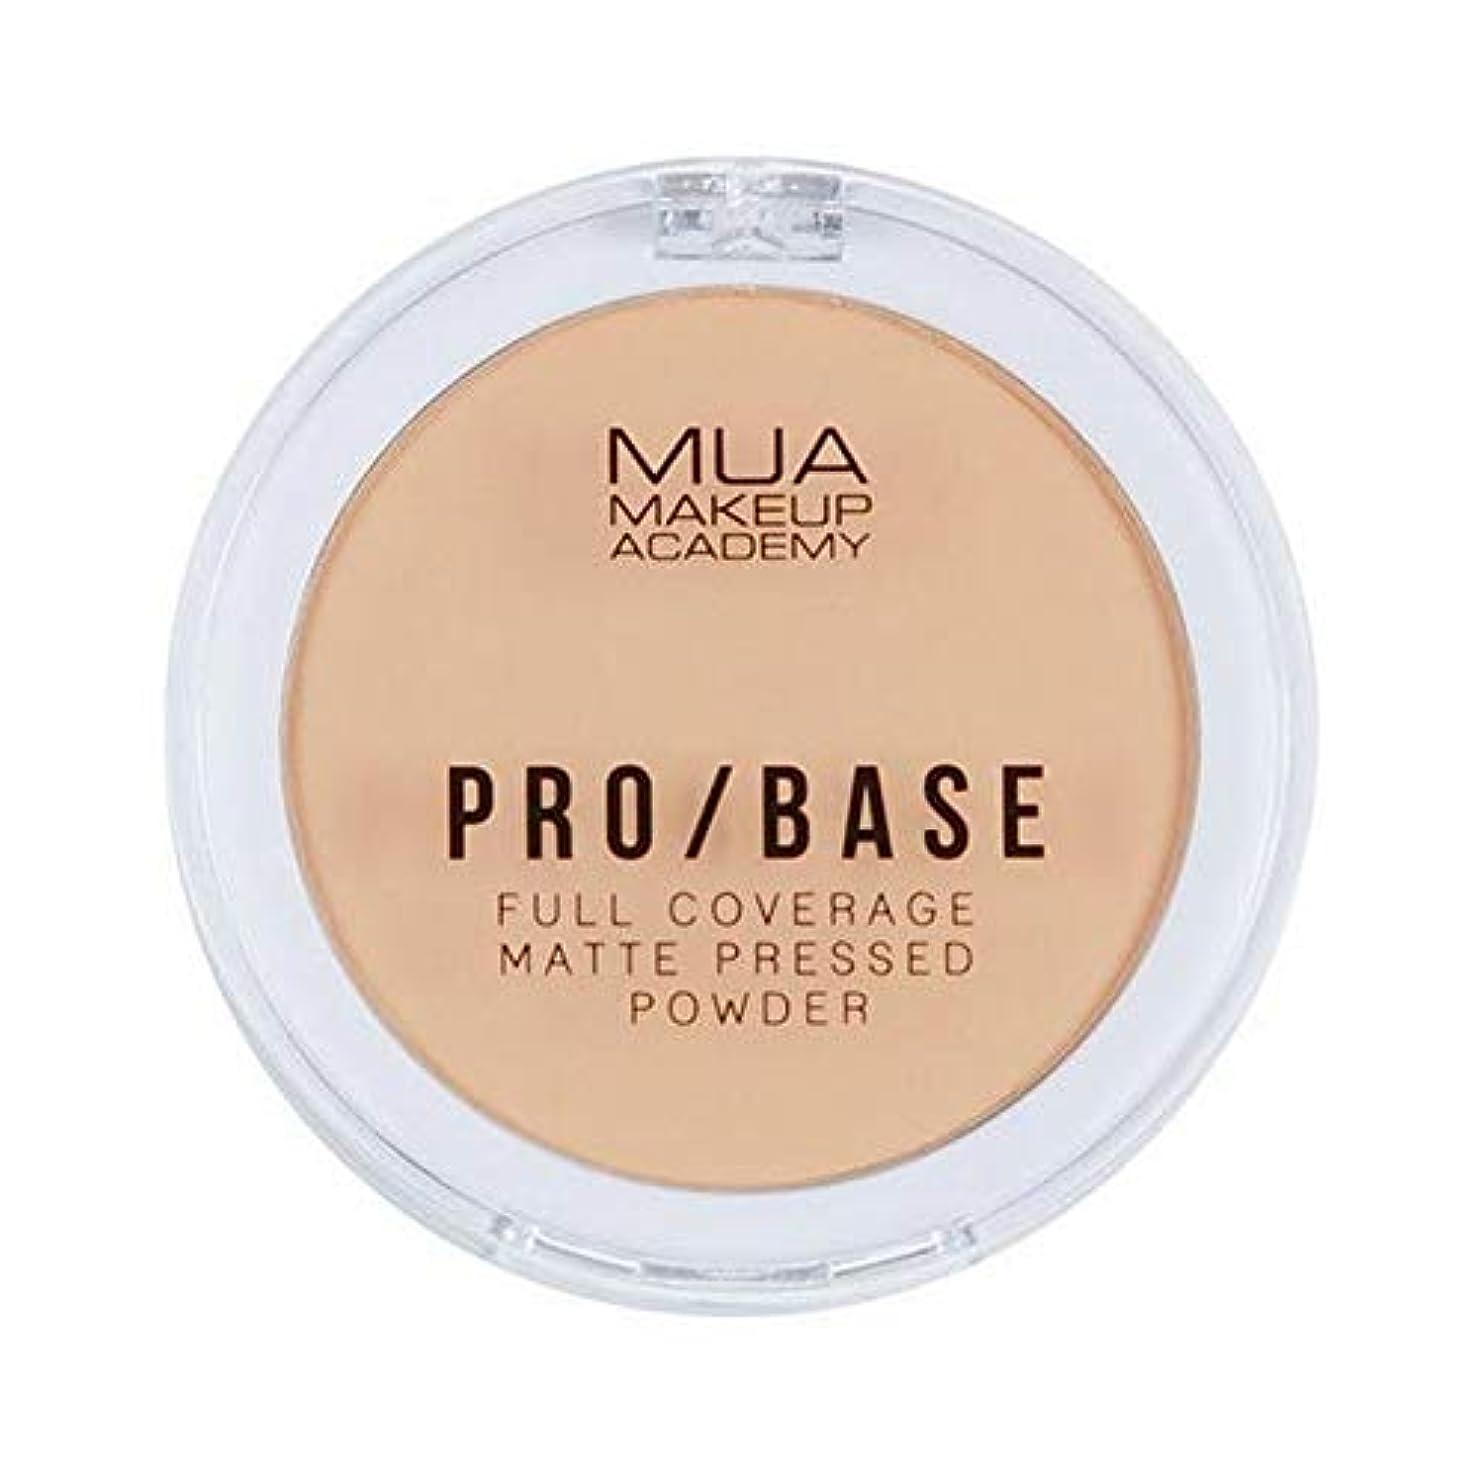 リファイン帝国主義クリープ[MUA] Mua Pro/ベースフルカバレッジマット粉末#120 - MUA Pro/Base Full Coverage Matte Powder #120 [並行輸入品]